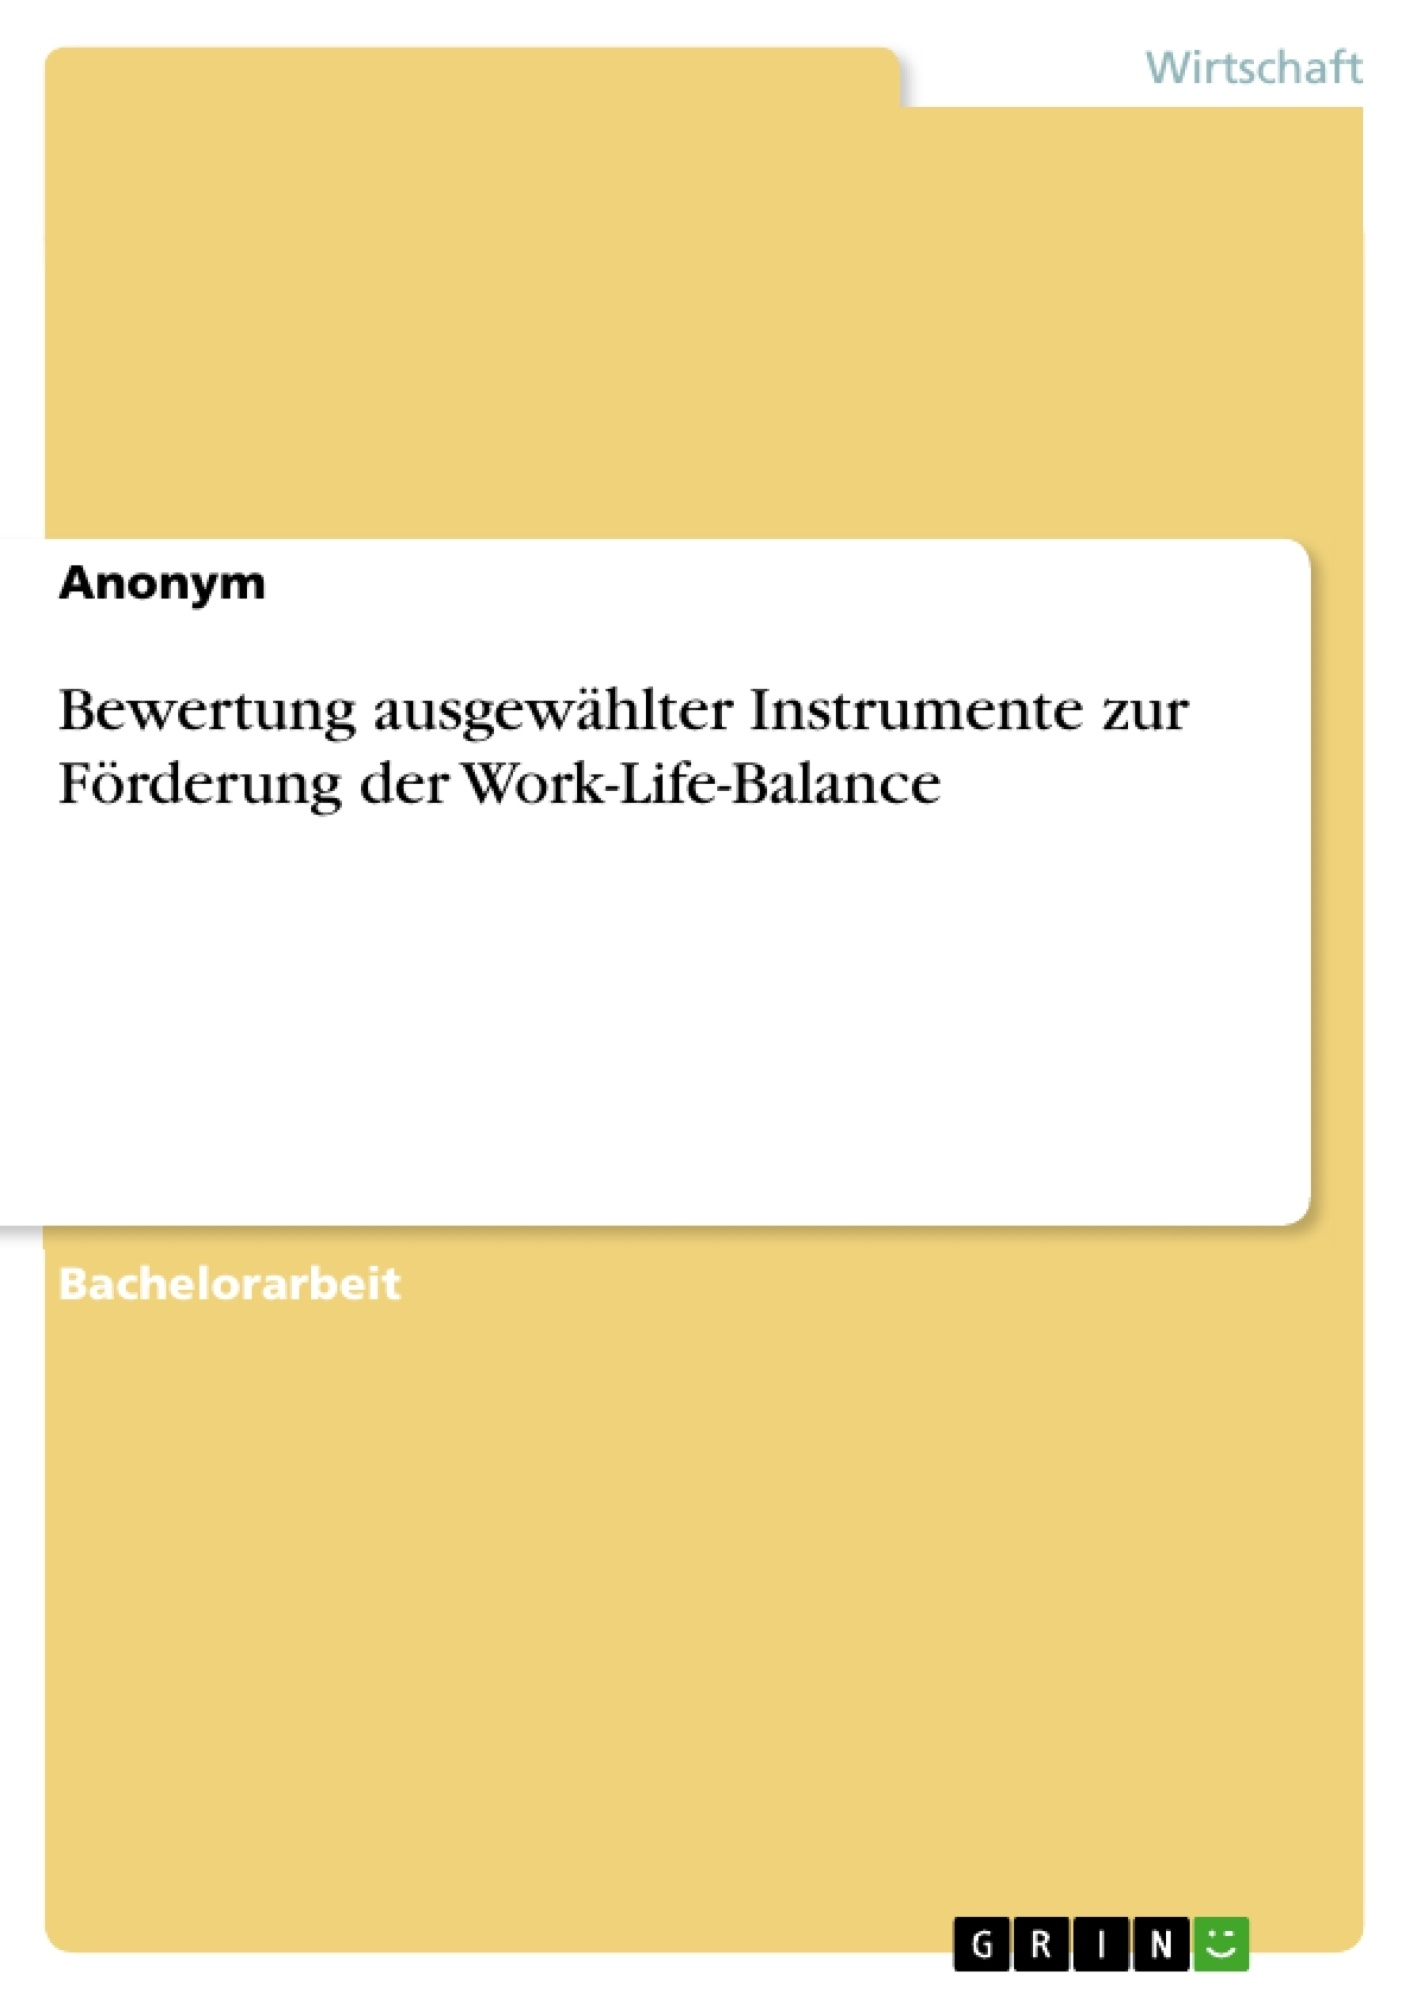 Titel: Bewertung ausgewählter Instrumente zur Förderung der Work-Life-Balance